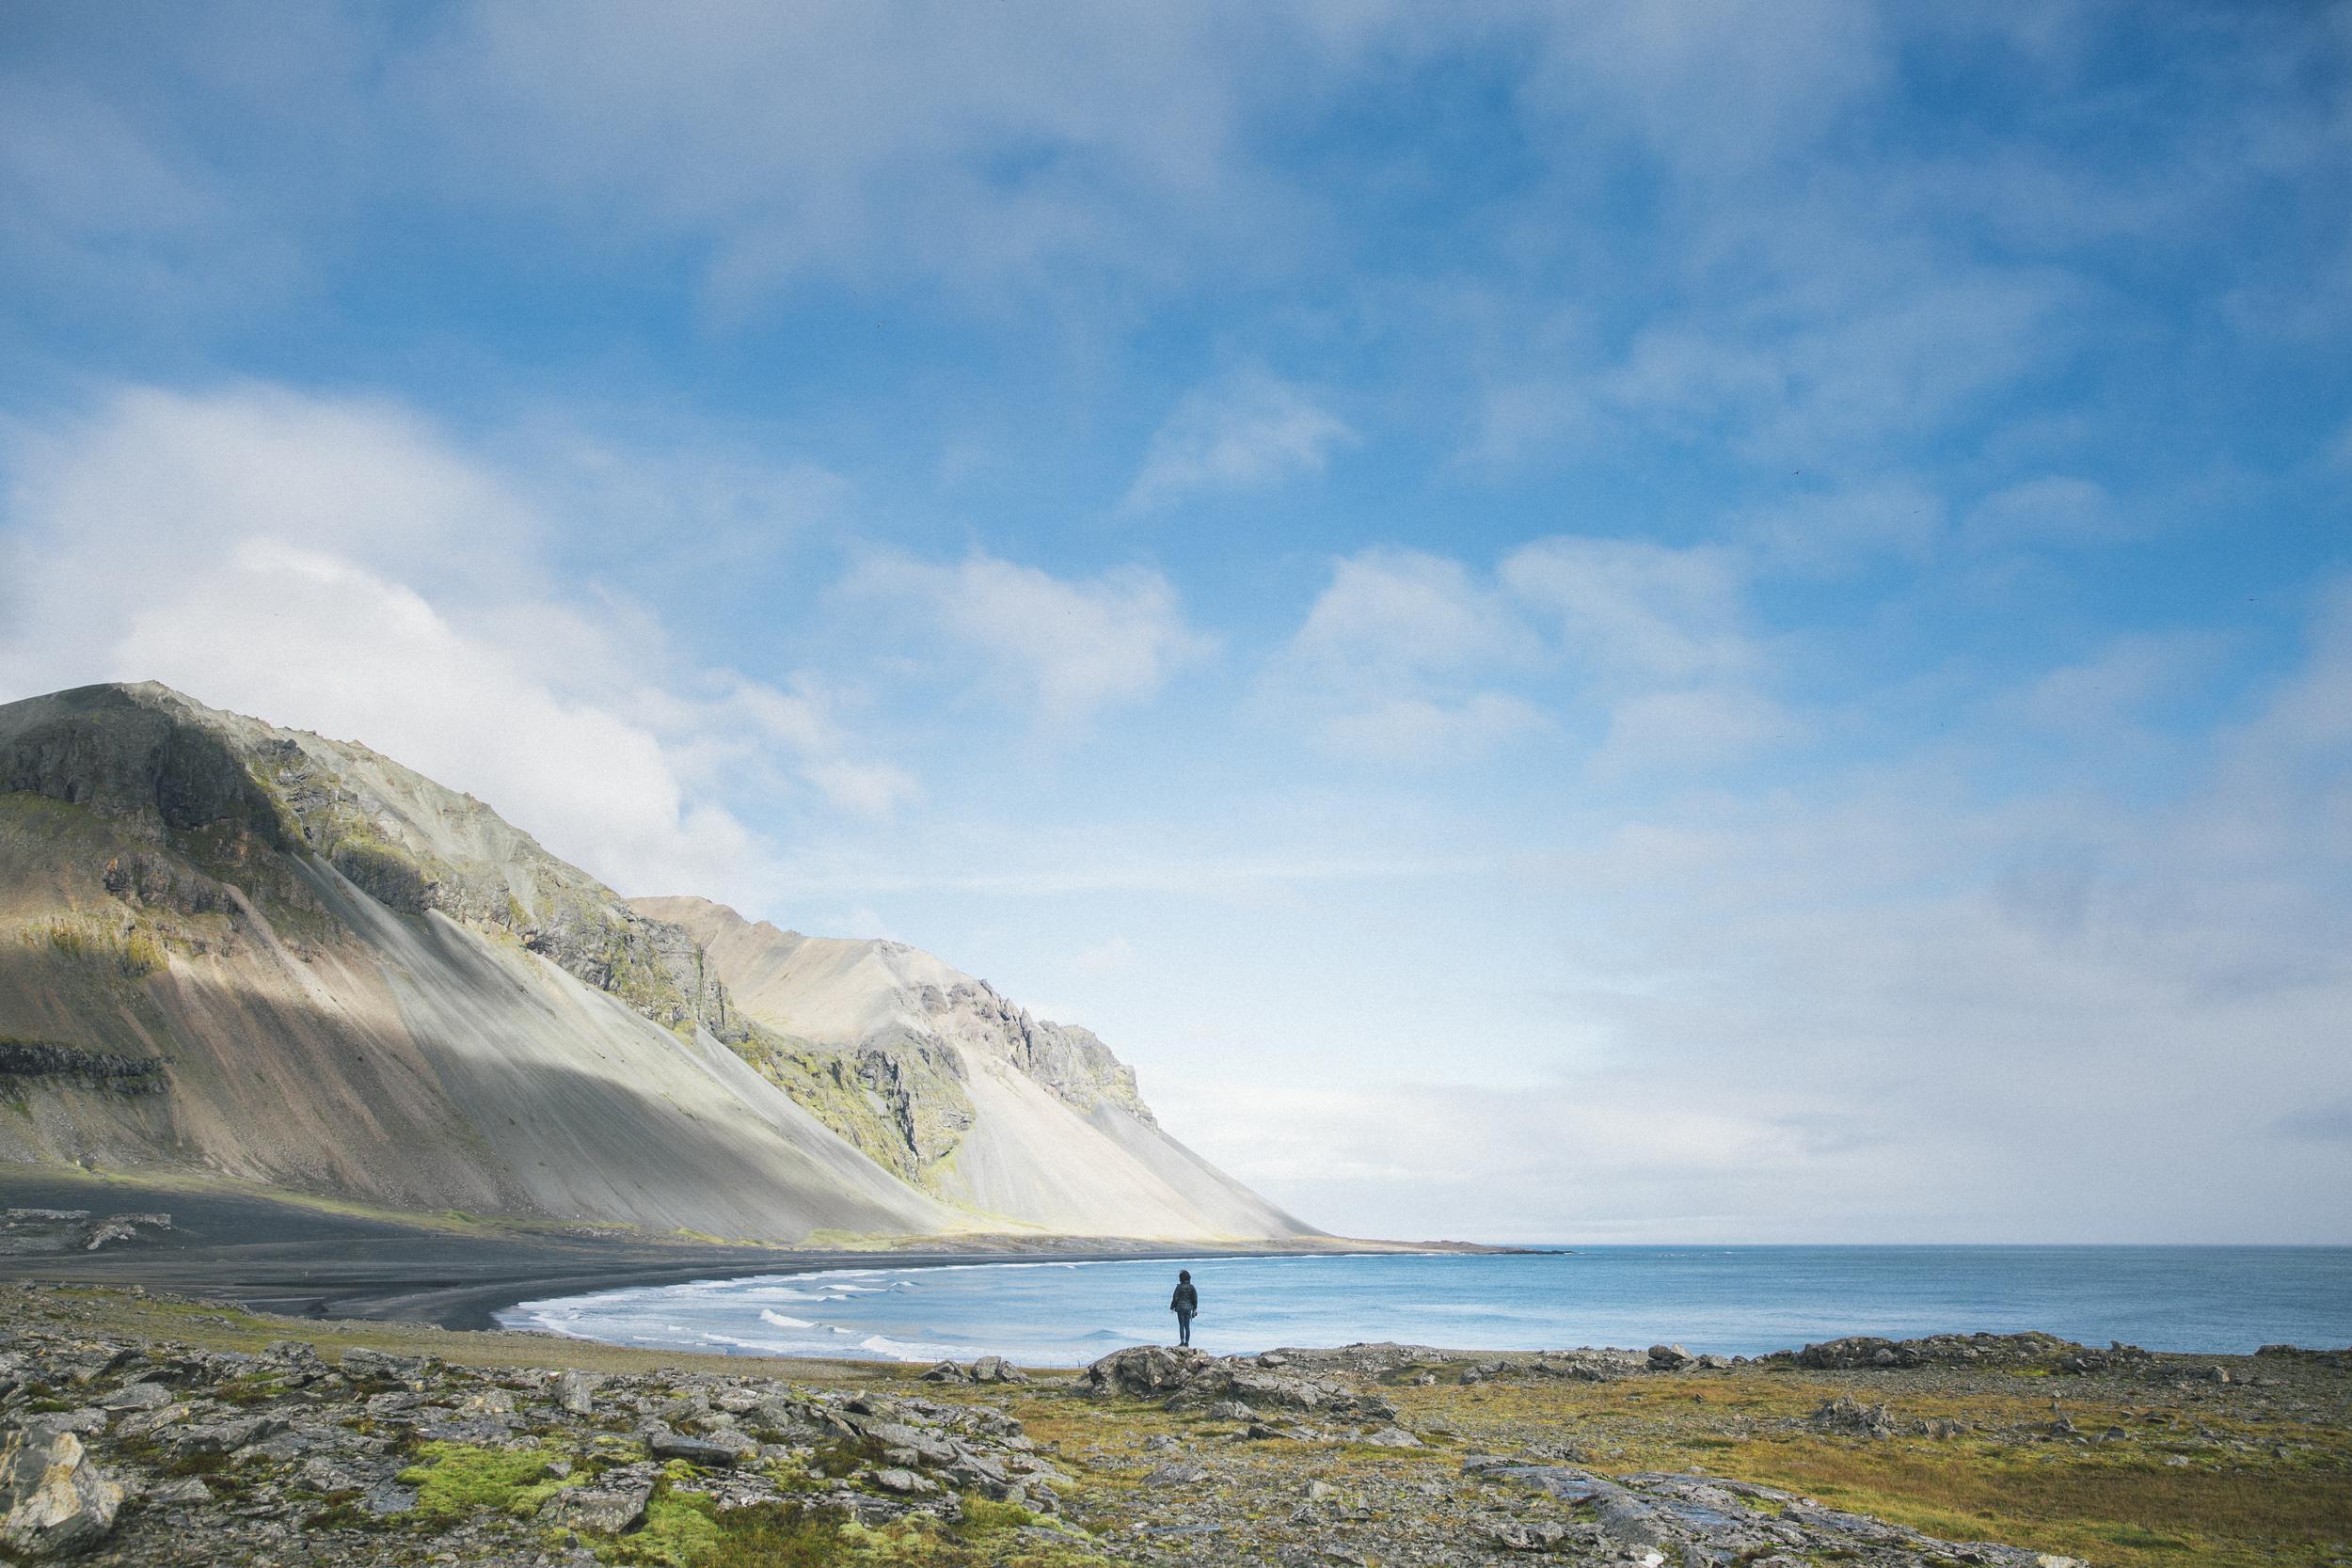 Danner_Kennett_Mohrman_Iceland_14.jpg